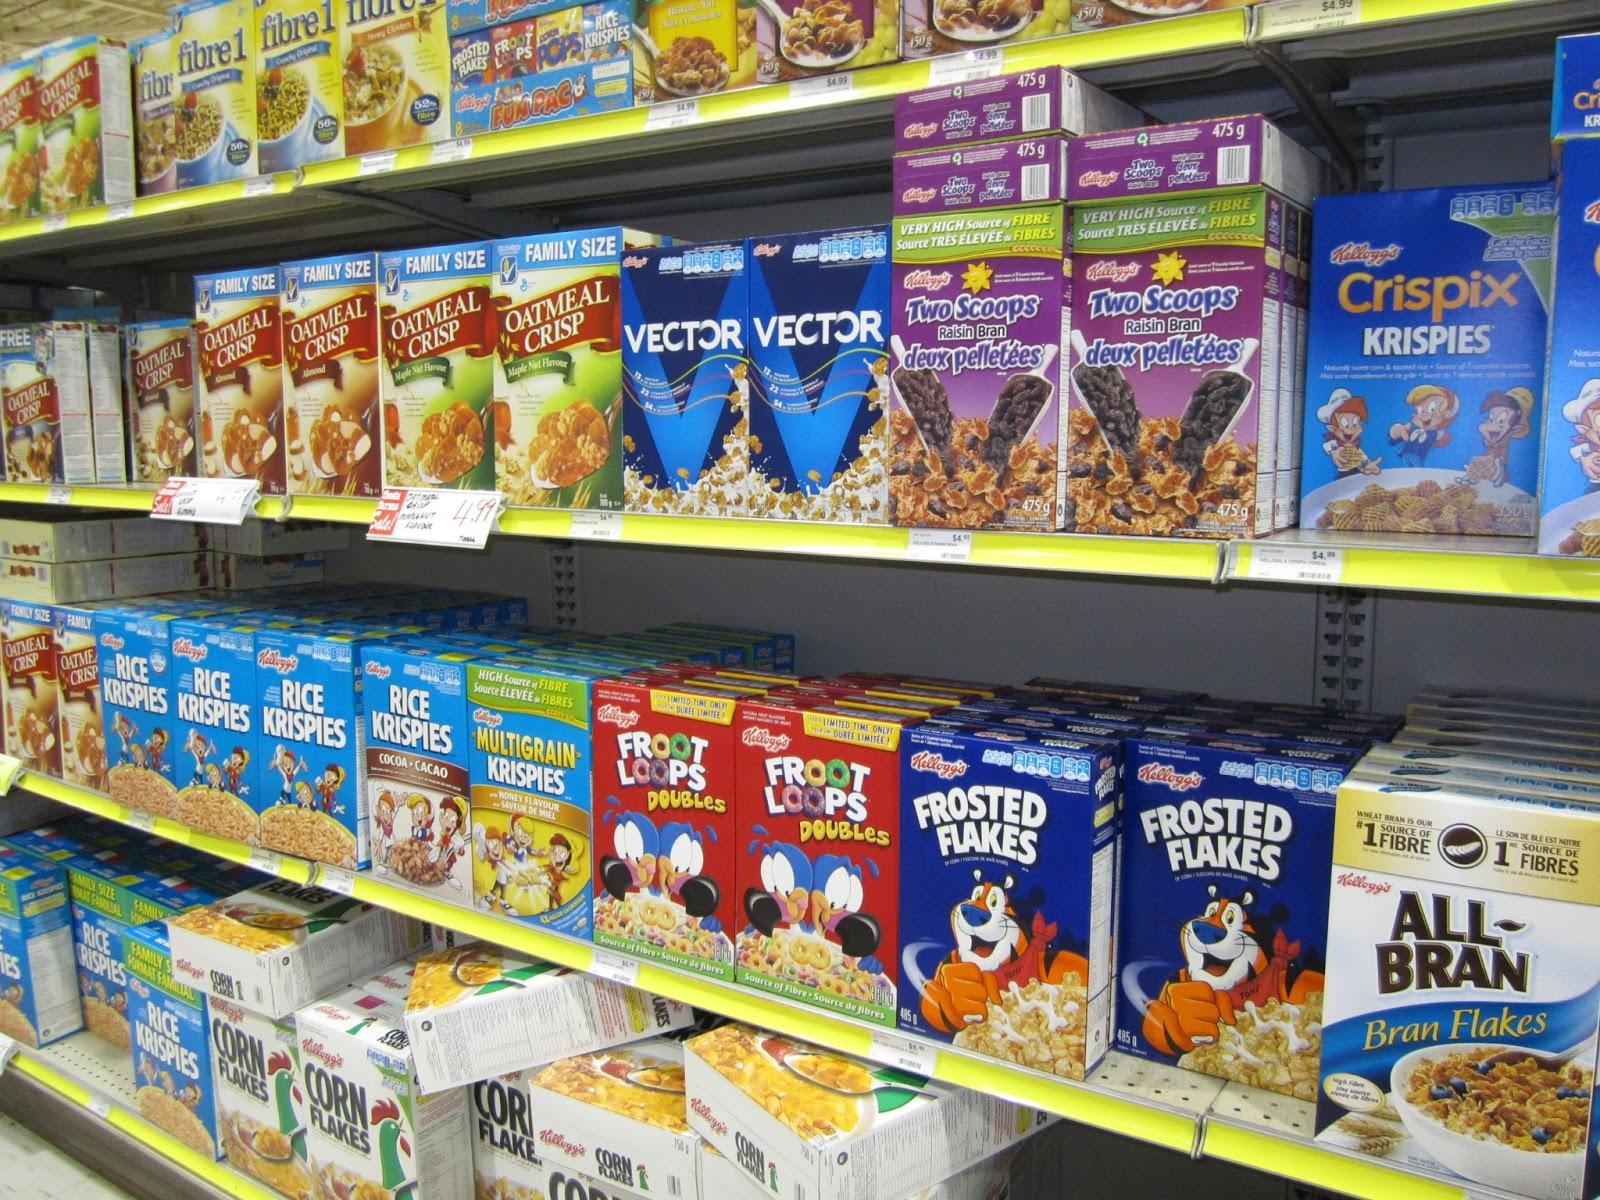 Supermercado de creencias